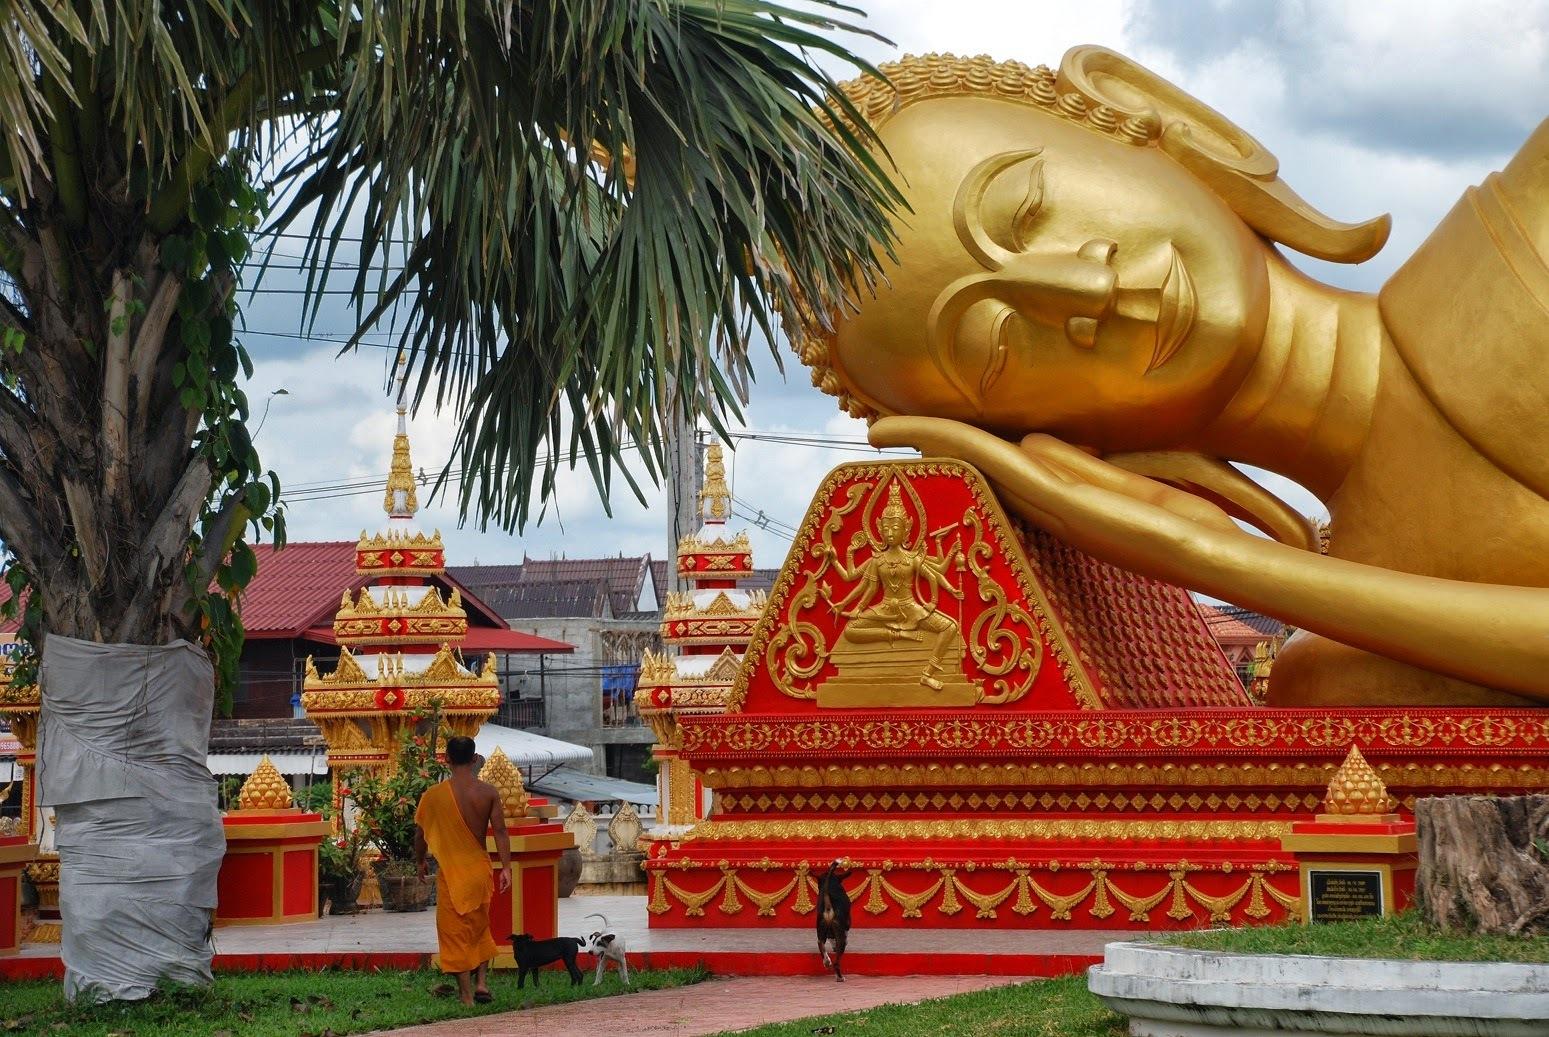 Laos - Vientiane - Wat That Luang